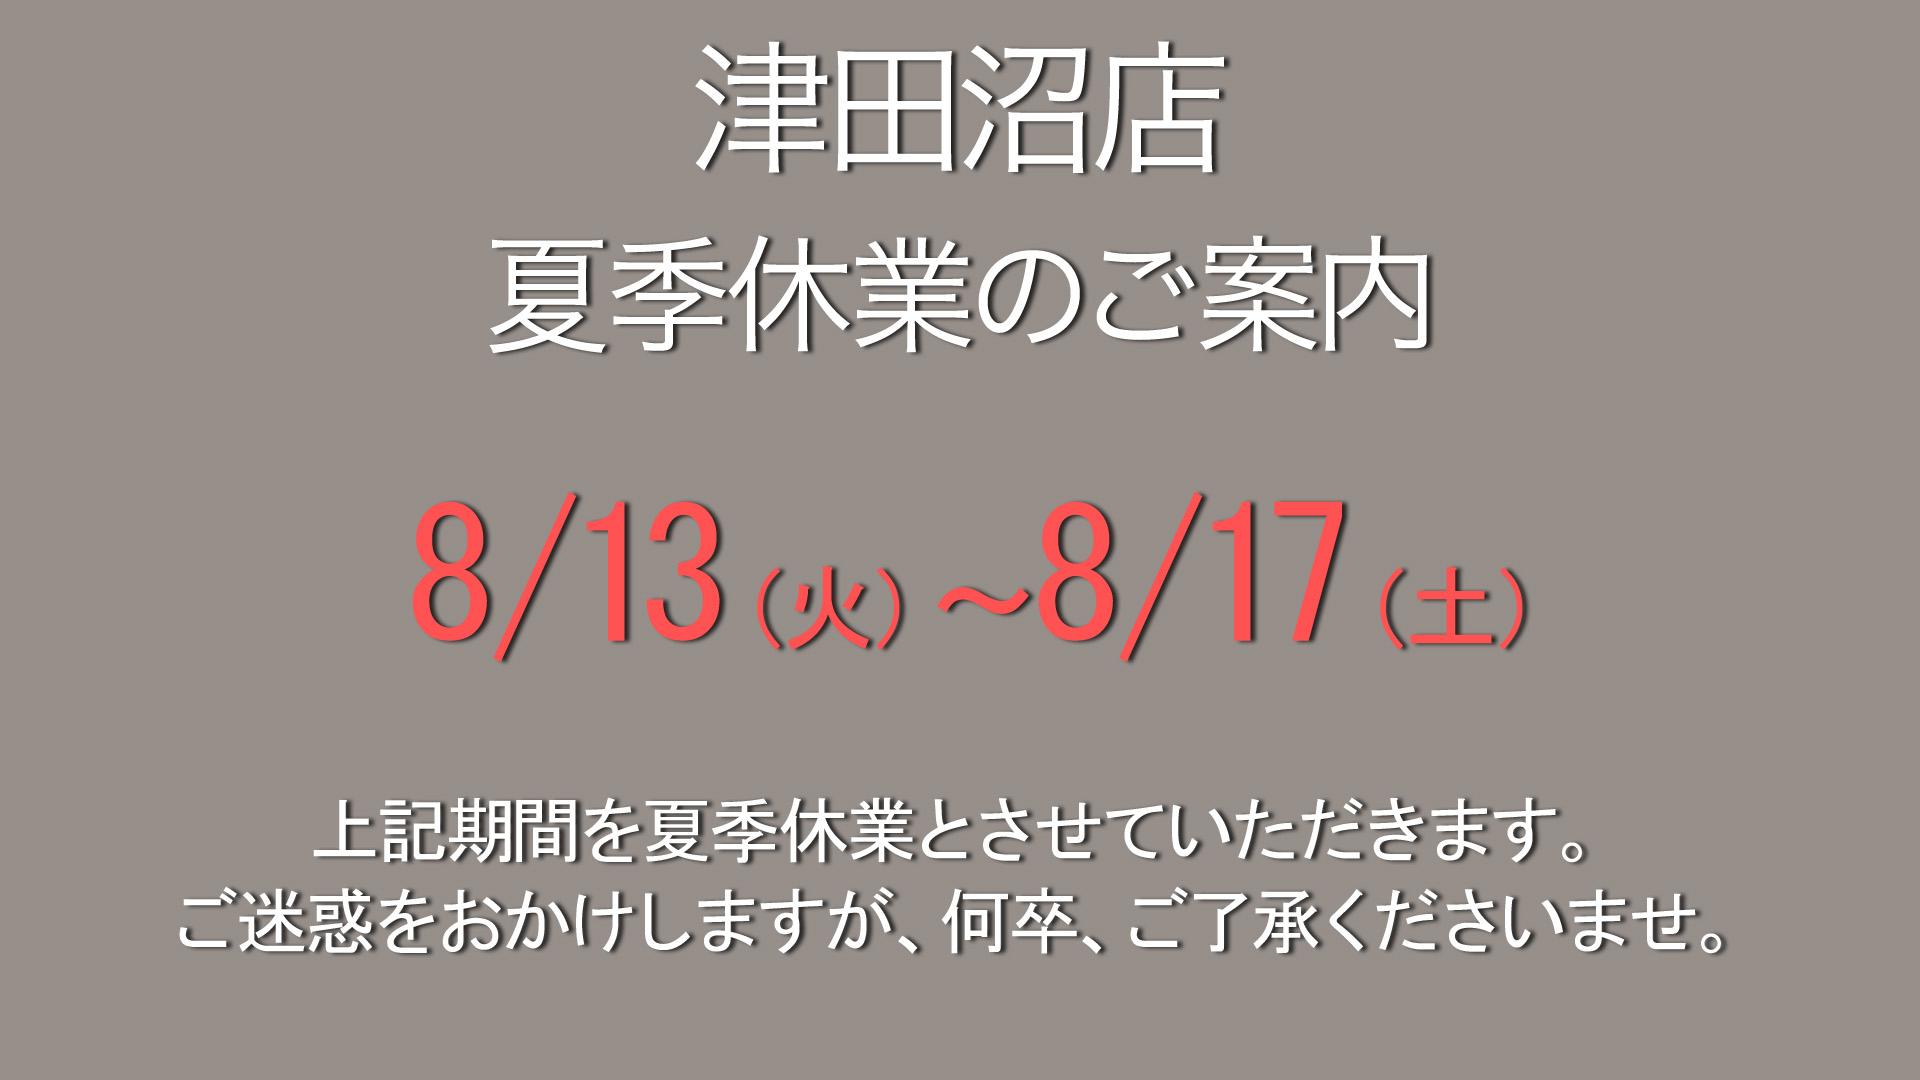 津田沼店 夏季休業のご案内